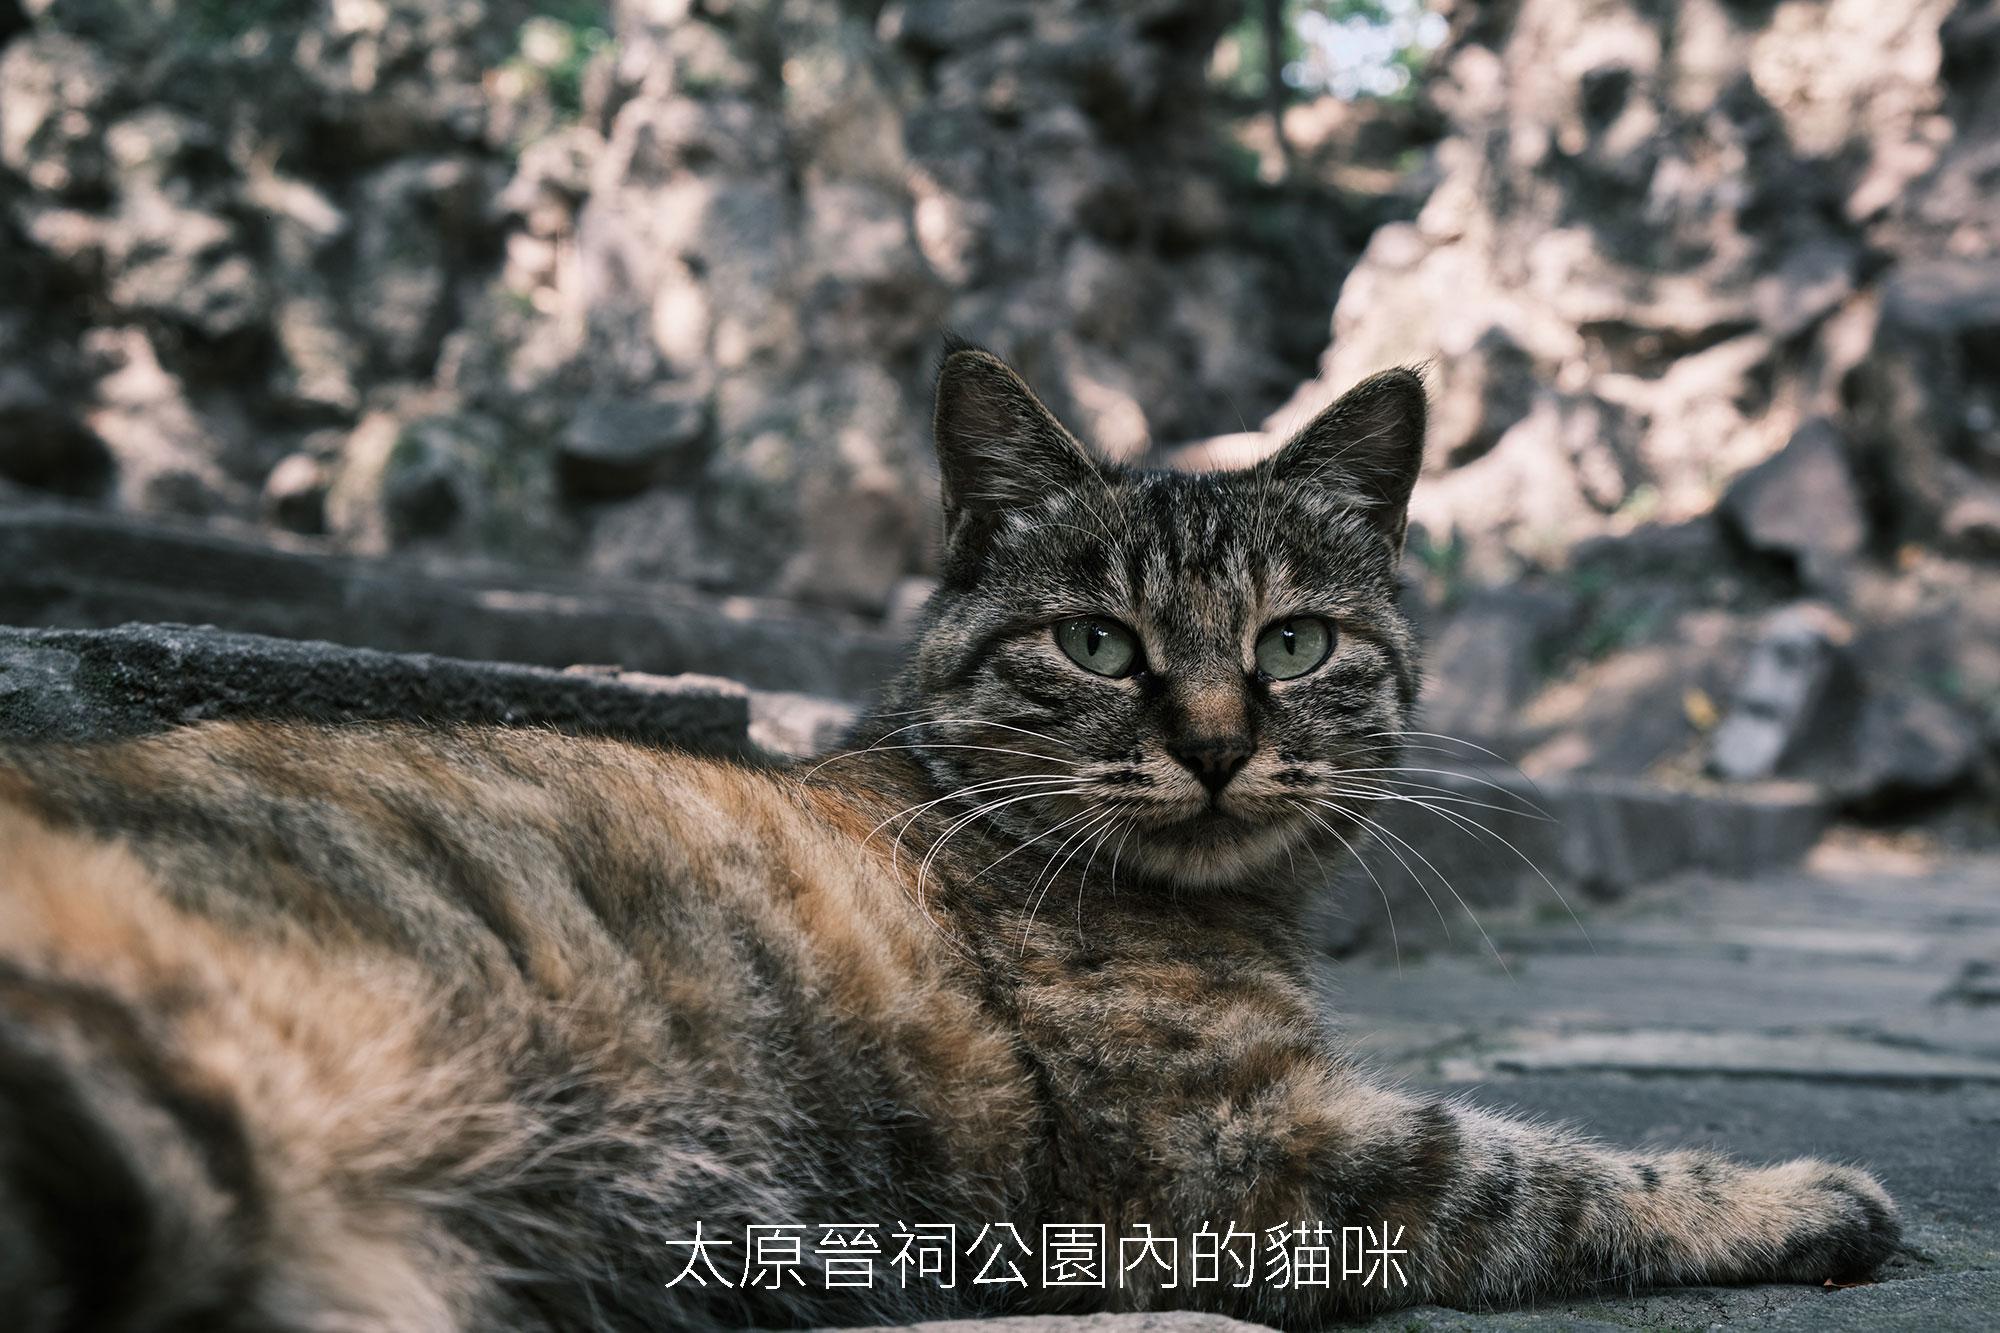 晋祠公园猫咪